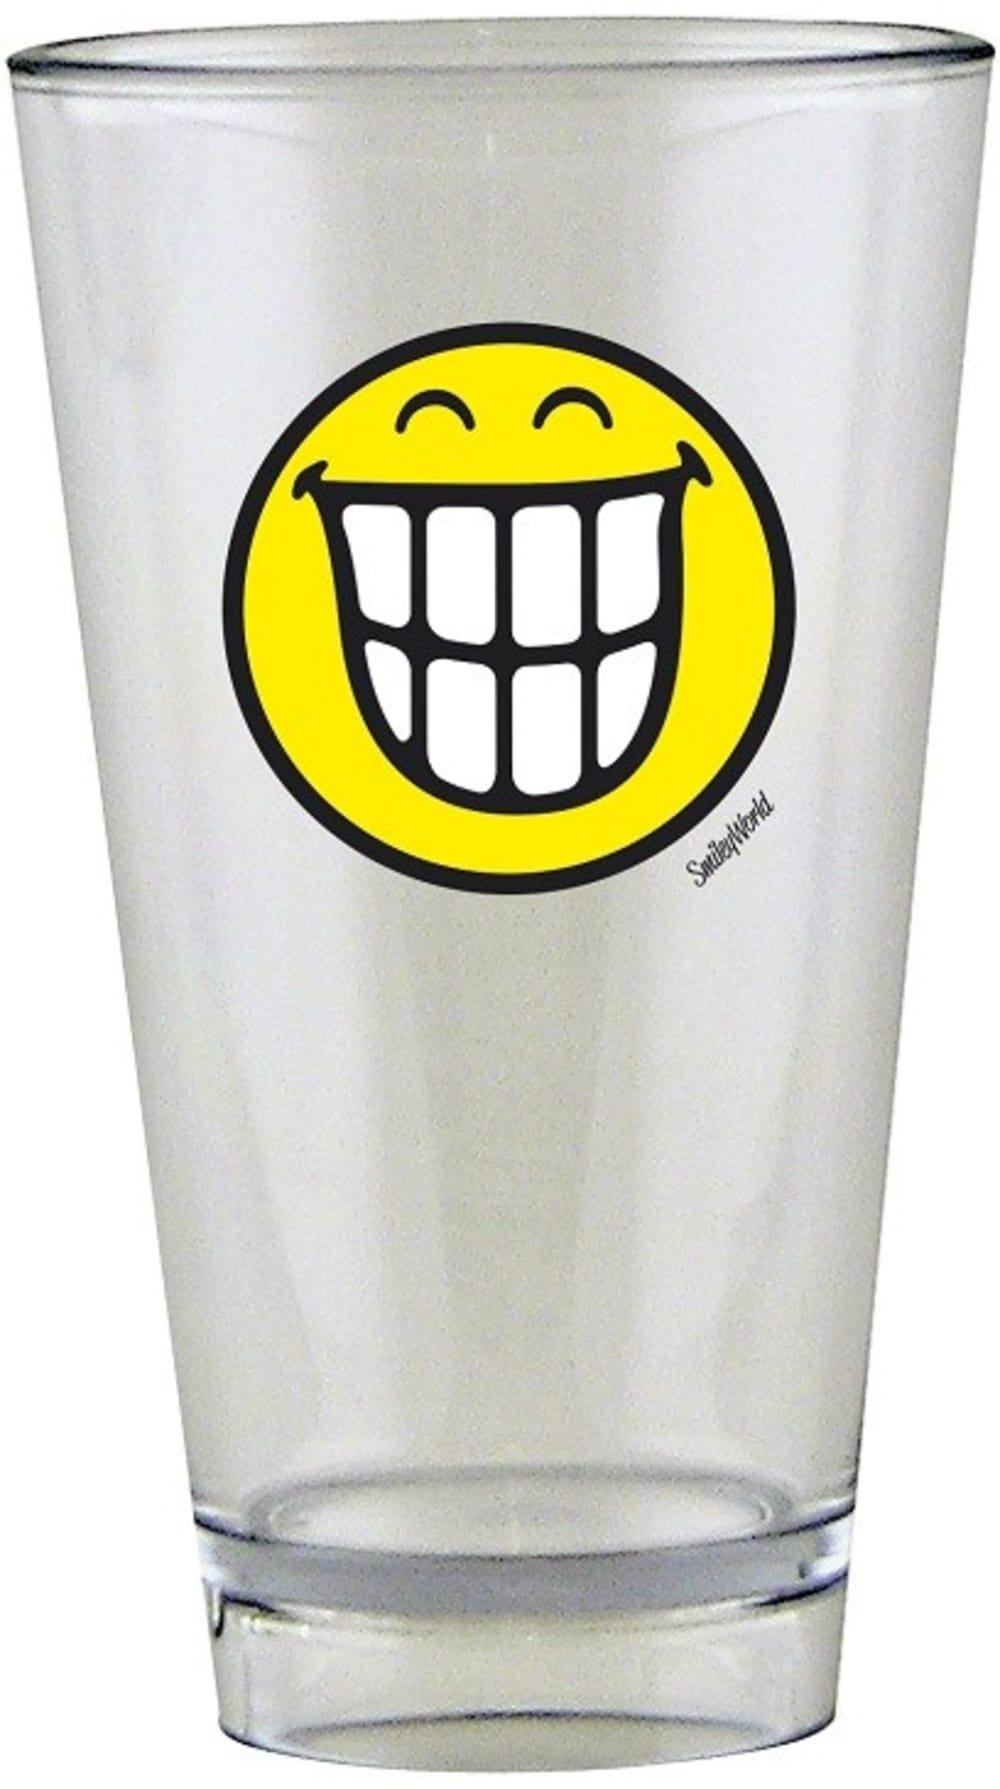 Zak! - Szklanka 300 ml, Teeth, Smiley